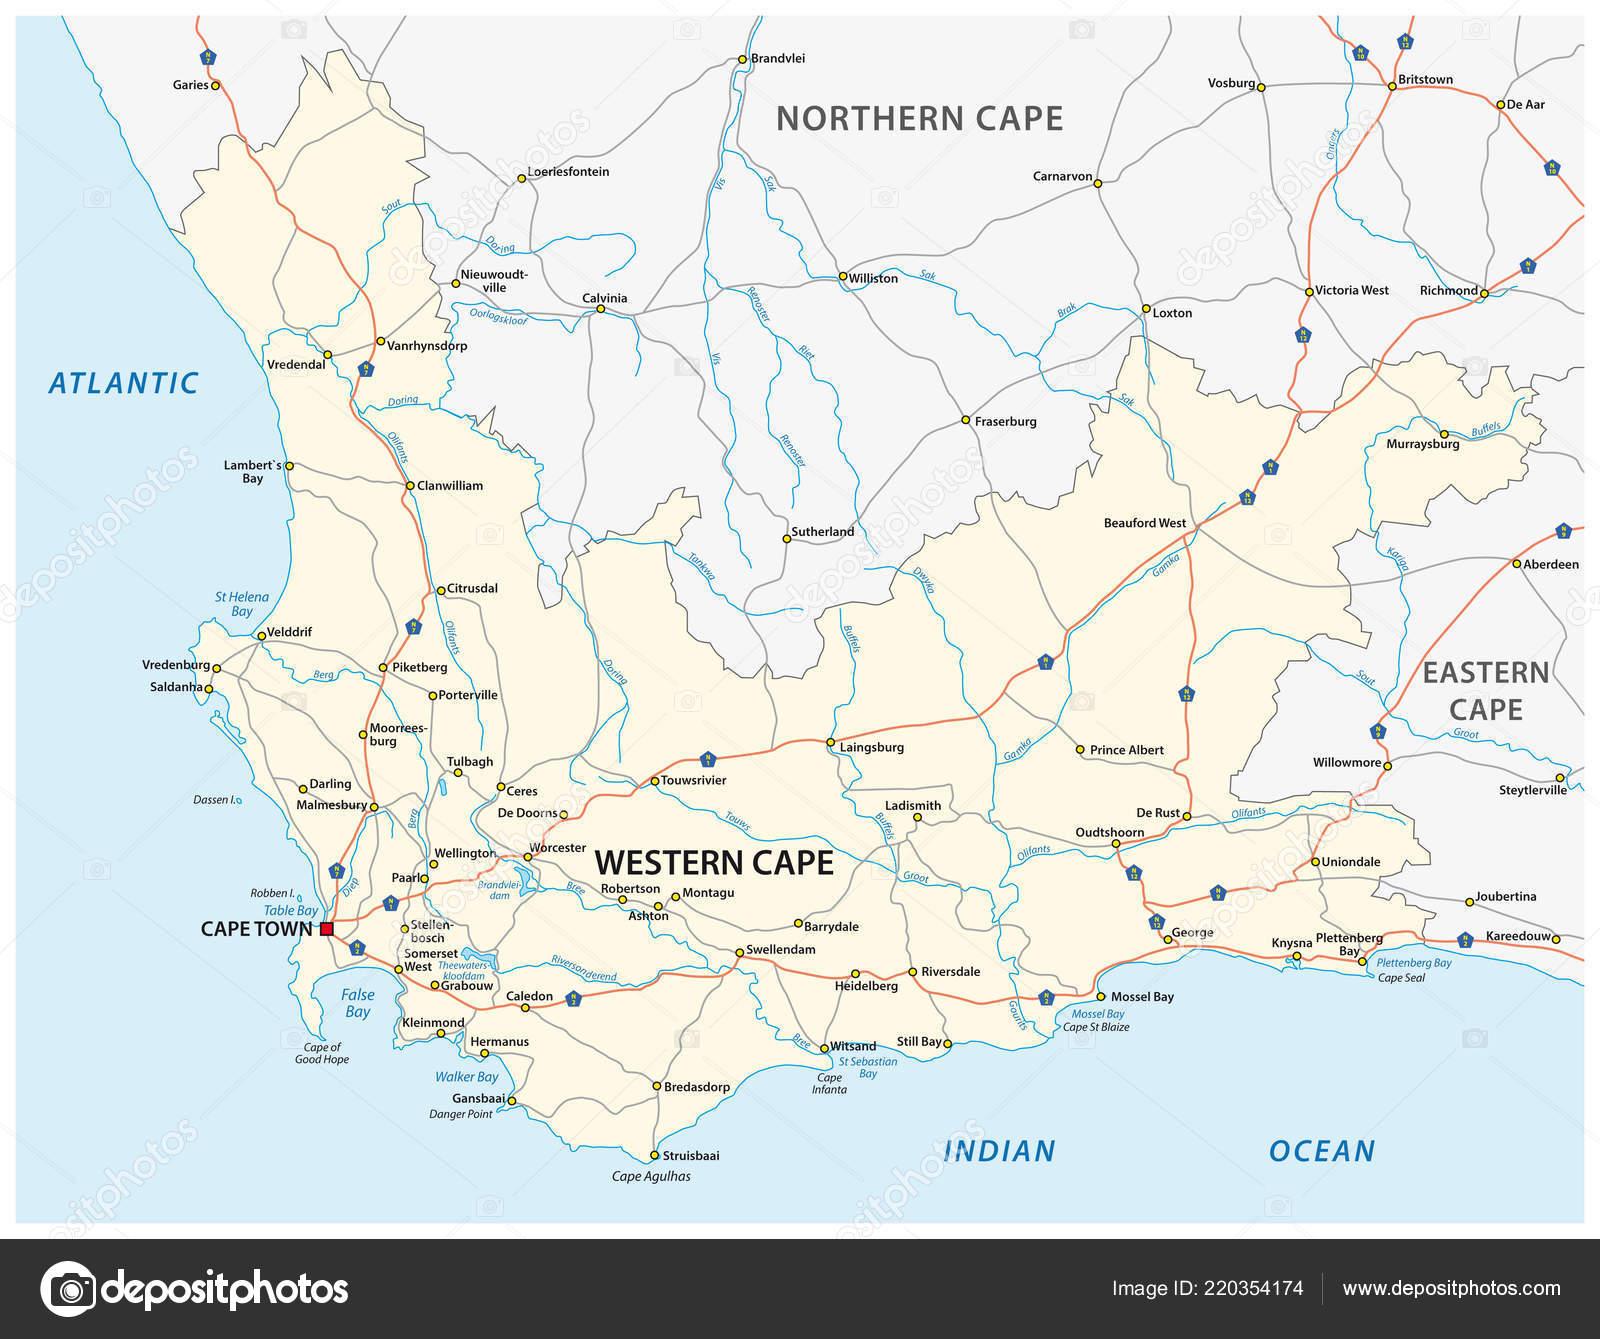 Carte Afrique Du Sud Ouest.Afrique Sud Ouest Cap Carte Vecteur Routiere Image Vectorielle